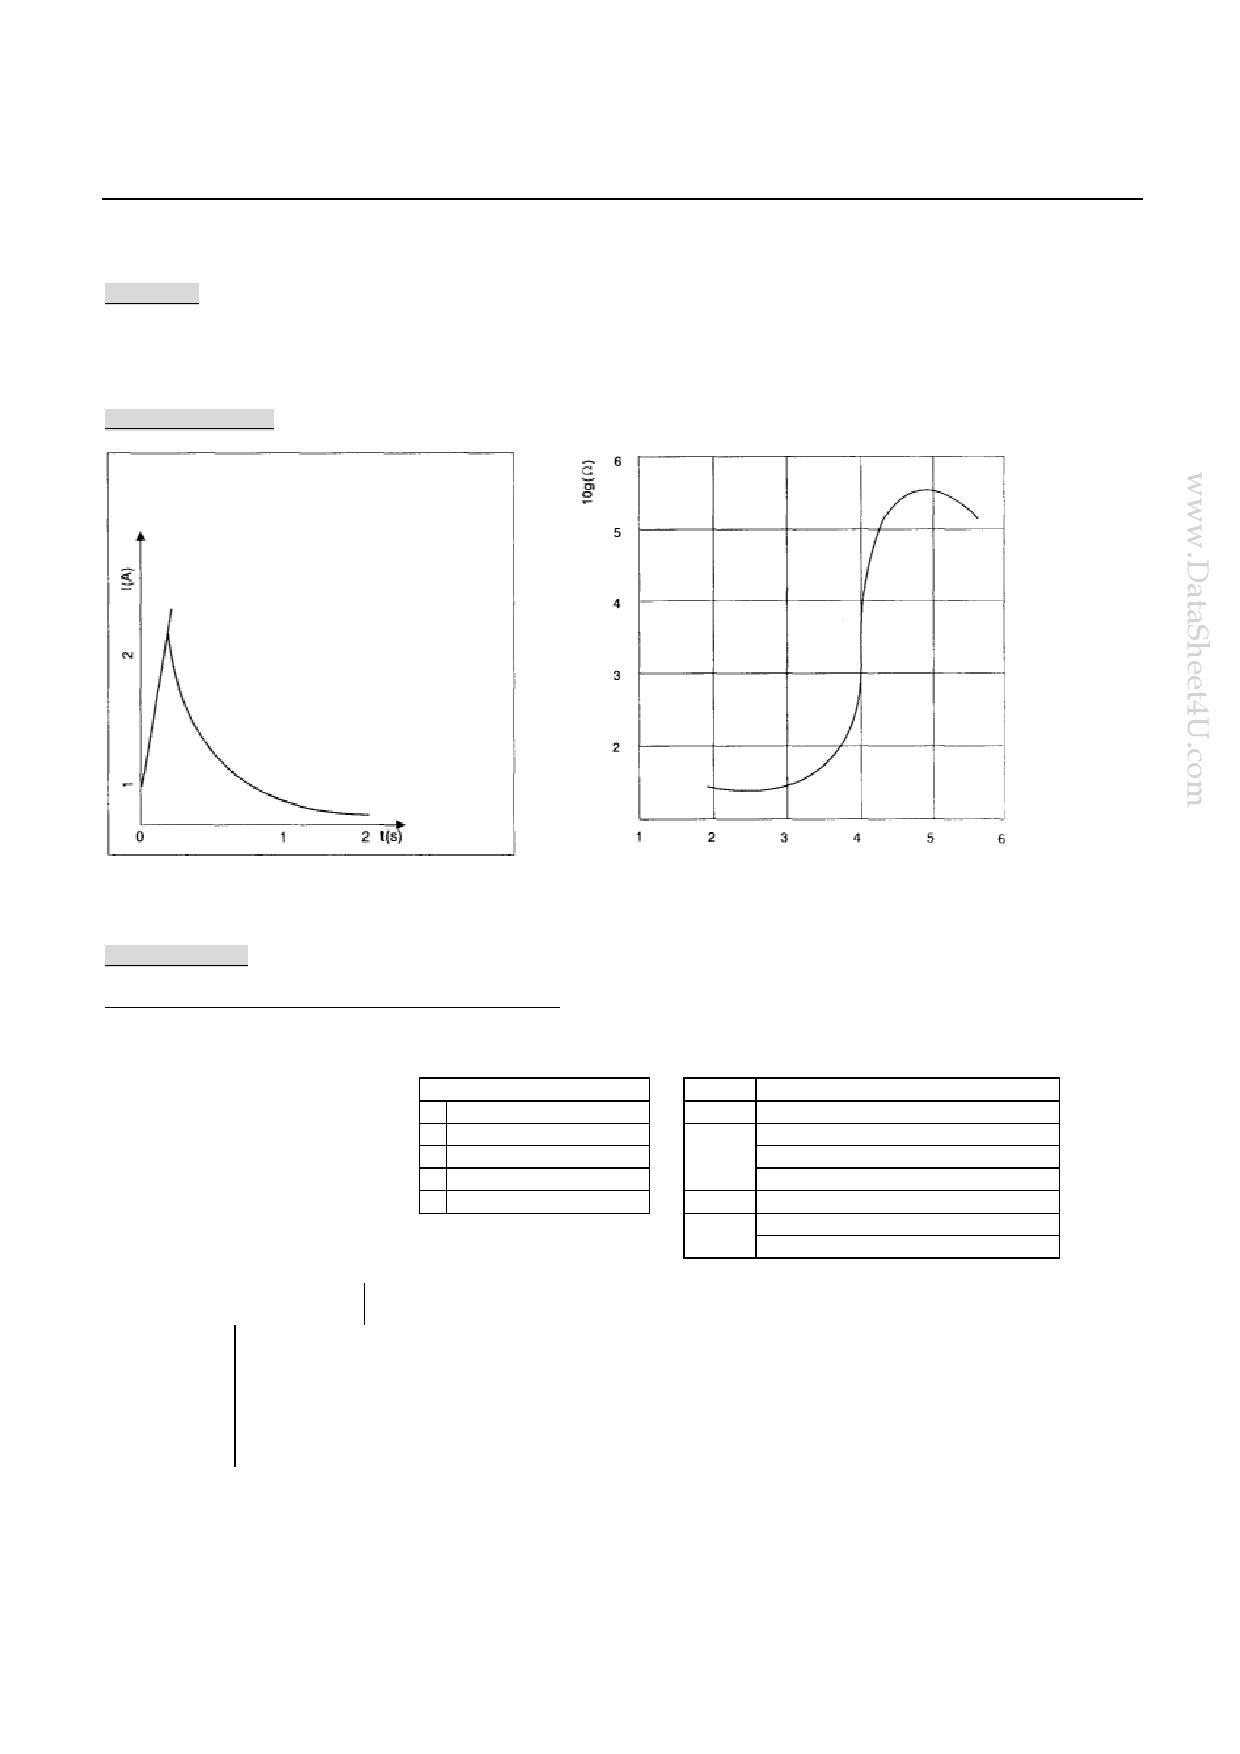 MZ73 18RM datasheet pdf pinout circuit #666666